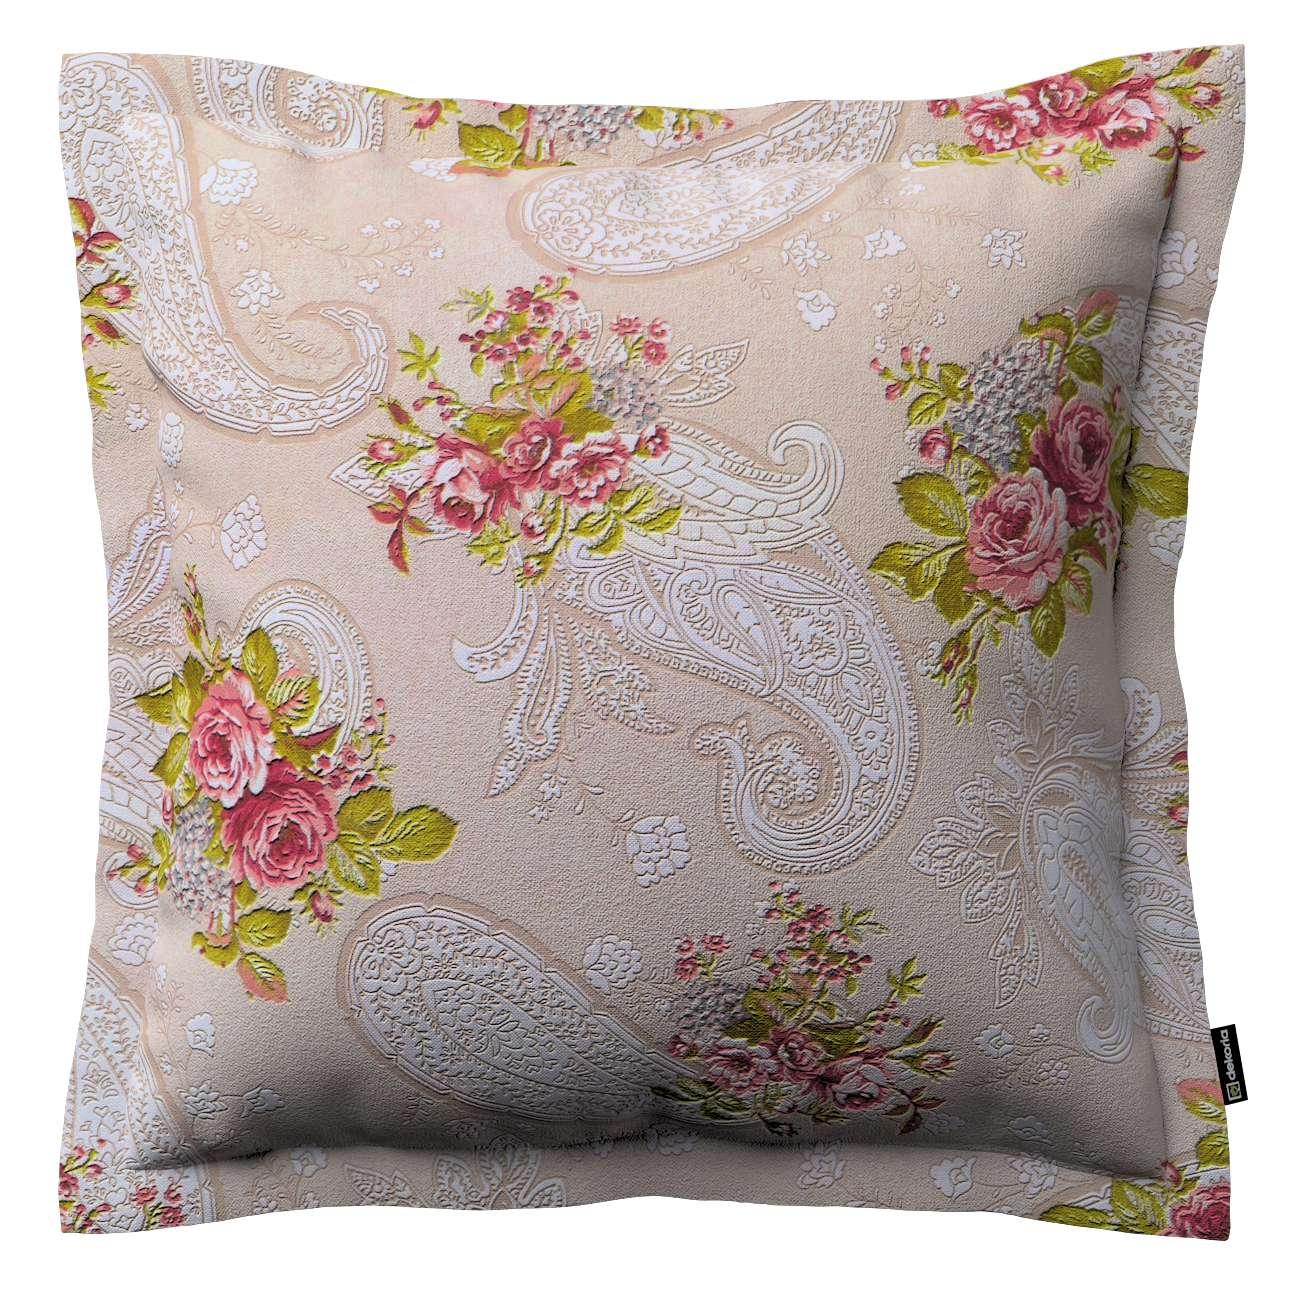 Mona dekoratyvinių pagalvėlių užvalkalas su sienele 45 x 45cm kolekcijoje Flowers, audinys: 311-15